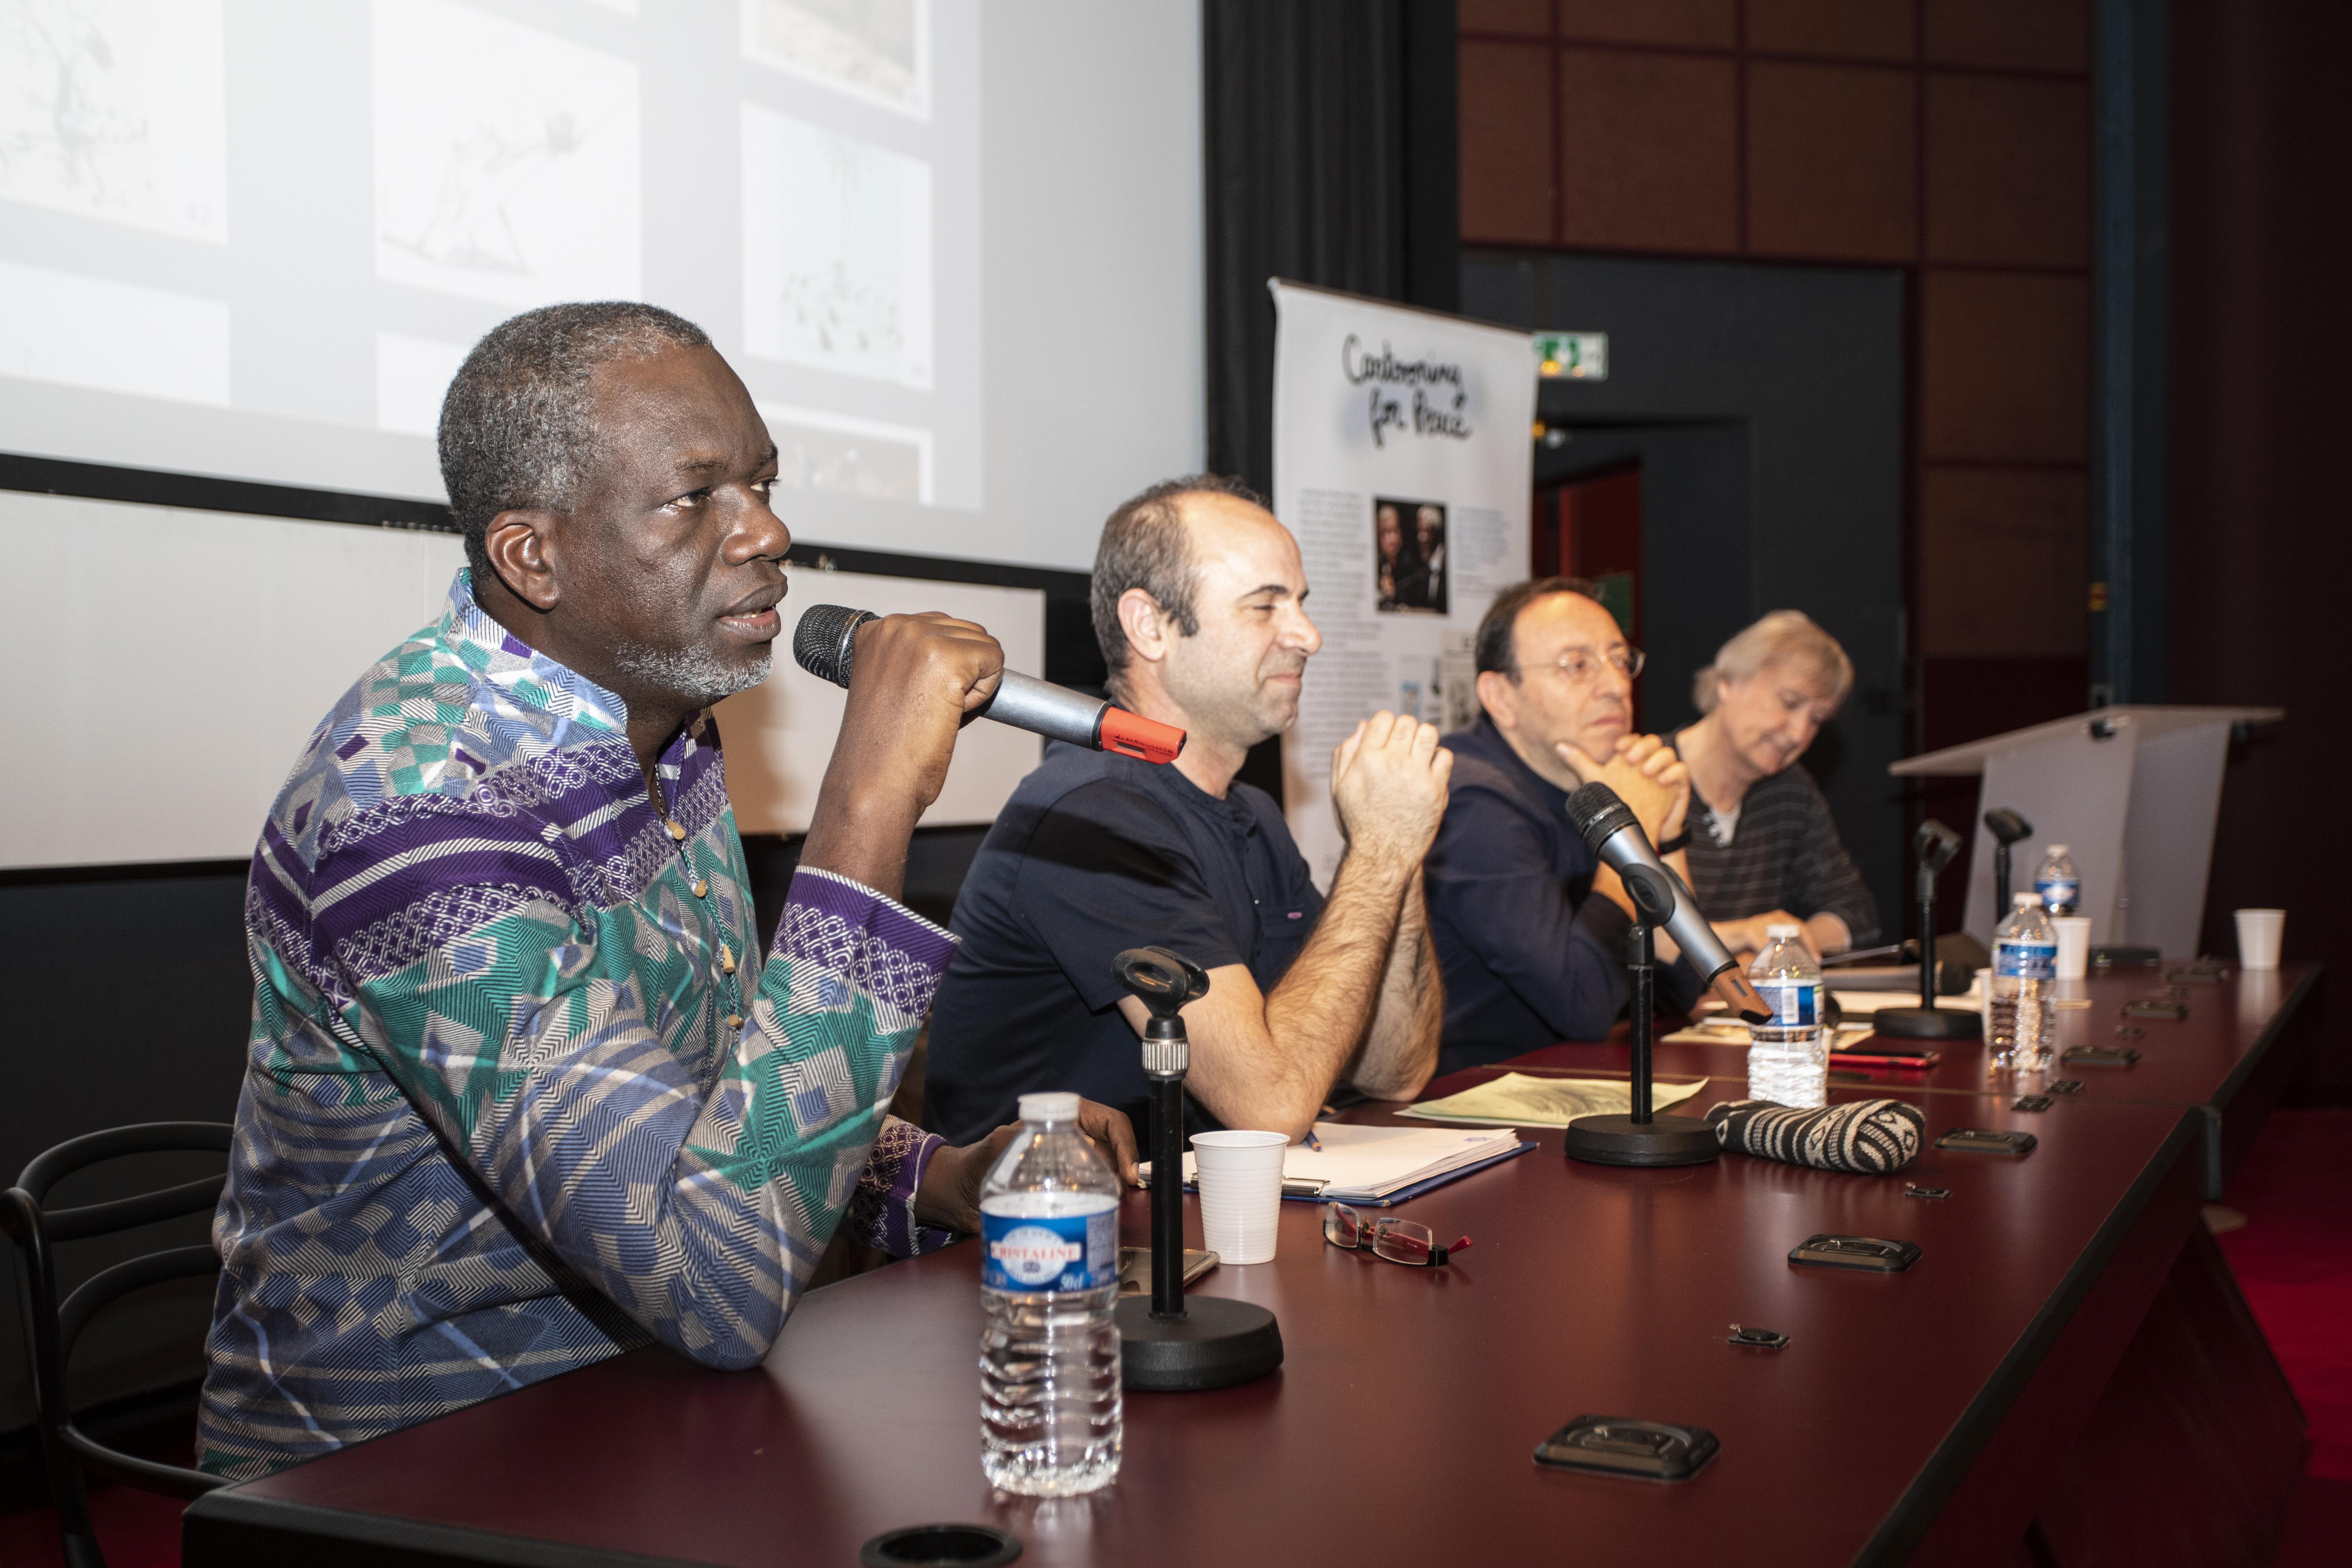 Conférence annuelle «Libérons les crayons» – Lassane Zohoré (Côte d'Ivoire), Ali Jamshidifar (Iran), Michel Kichka (Israël), Plantu (France) – crédit : Nicolas Moulard